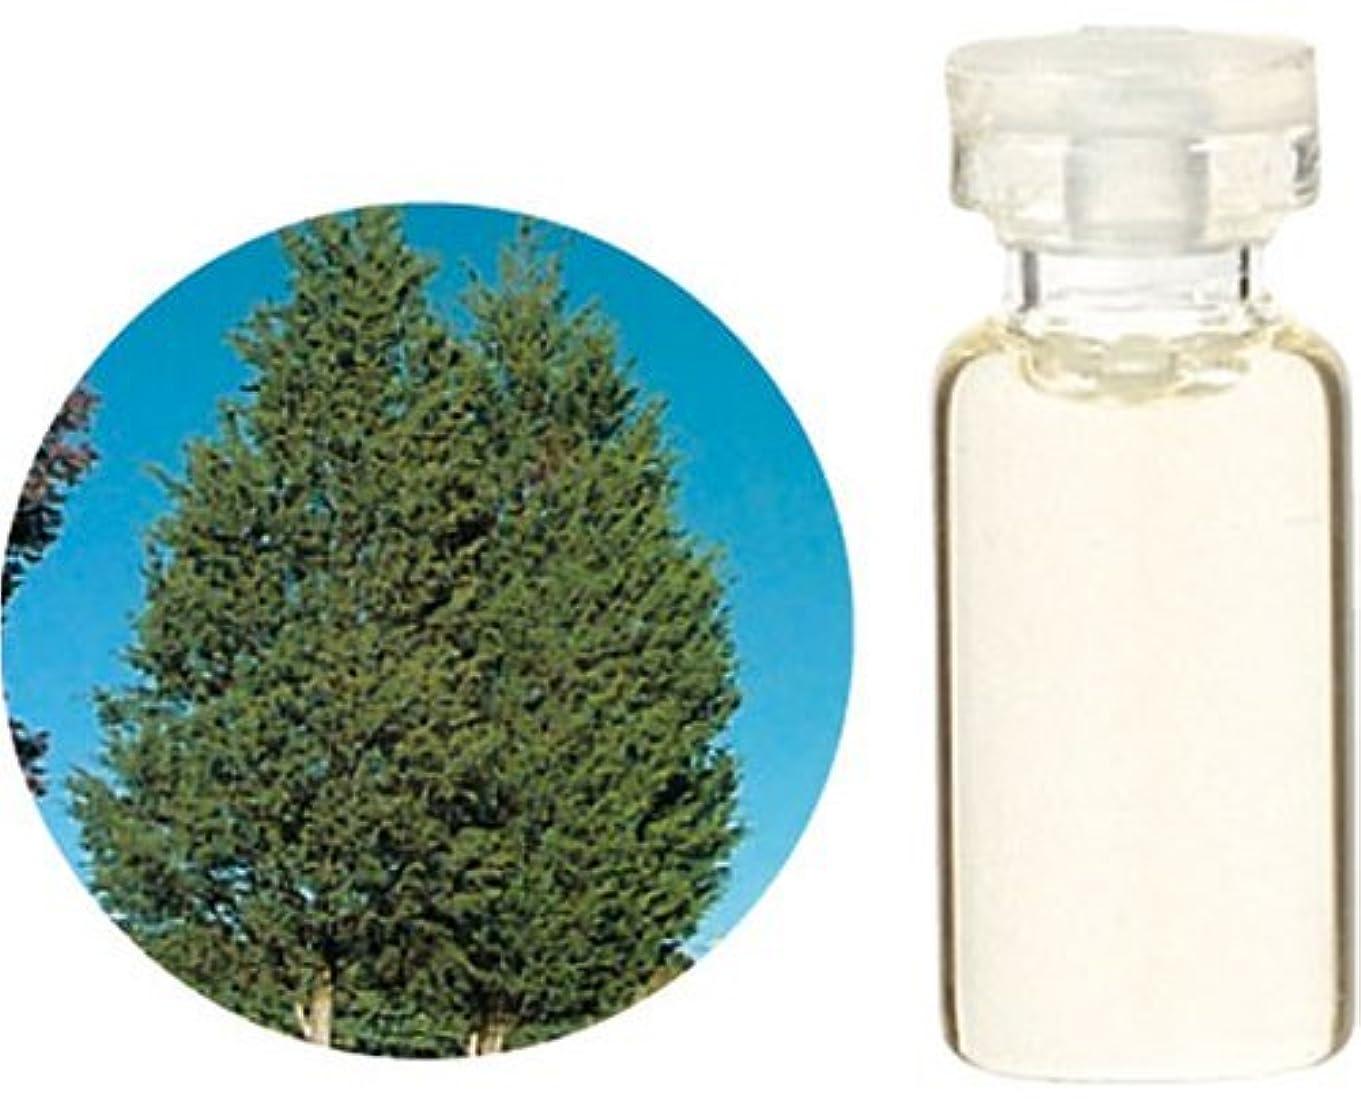 メーカーシャーク咳生活の木 C シダーウッド バージニア エッセンシャルオイル 10ml